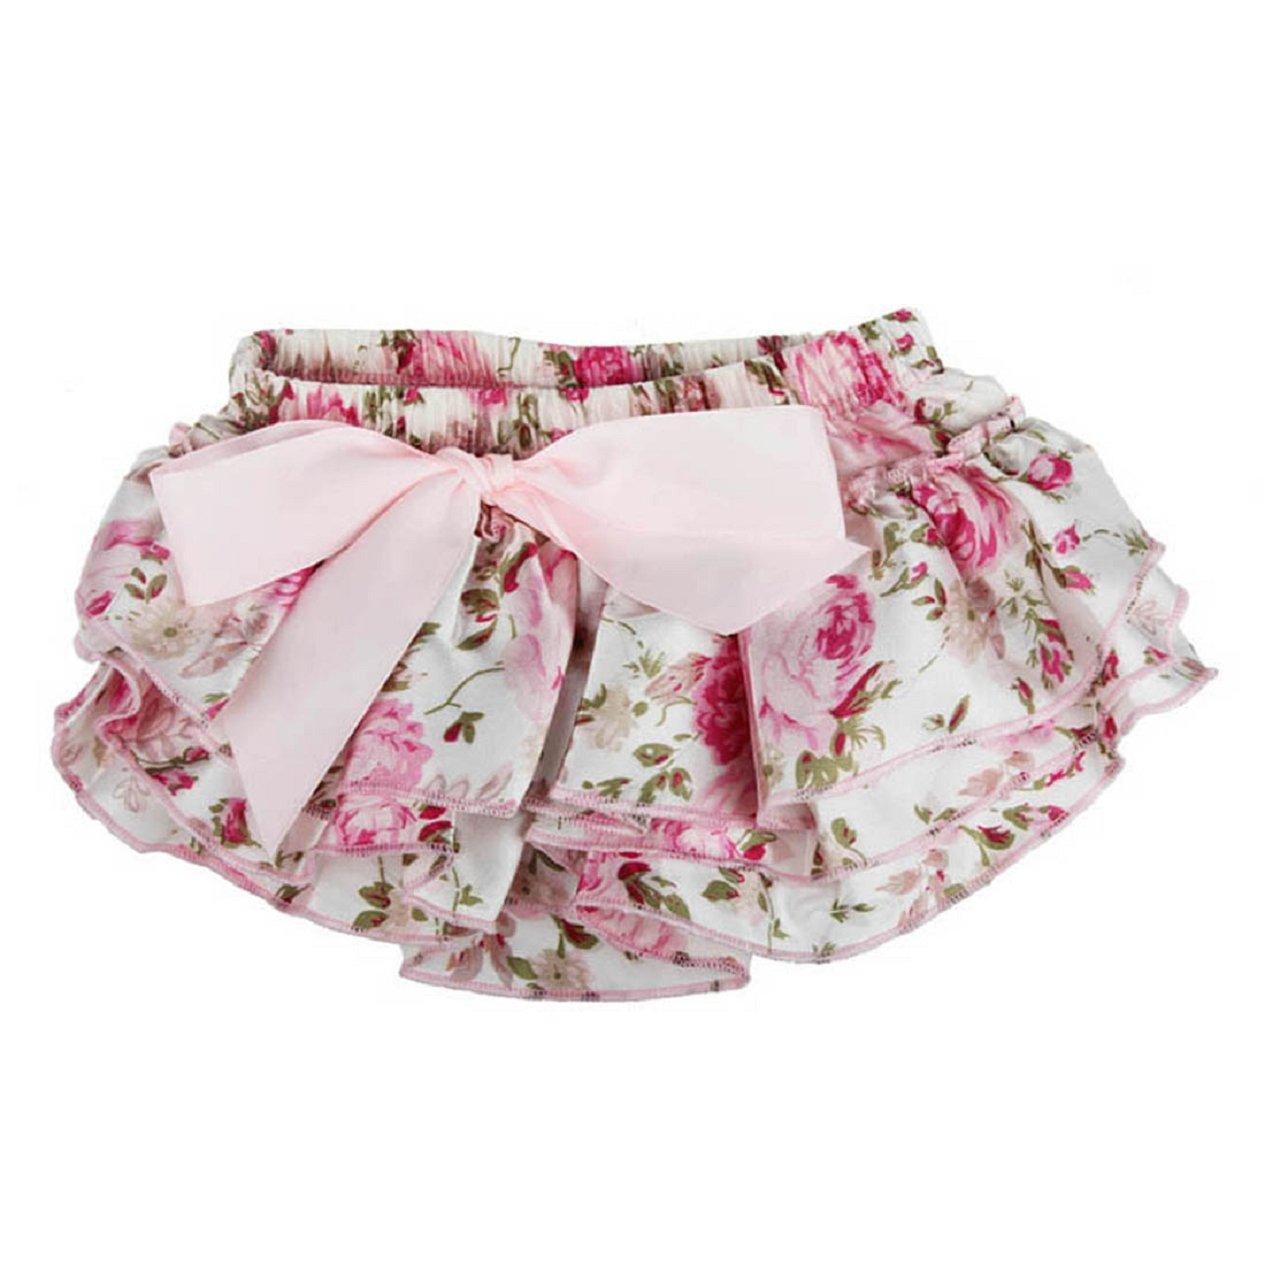 MALLOOM Baby Ruffle Bloomers Flower Shorts Newborn Tutu Ruffled Panties Diaper Covers Malloom 5436